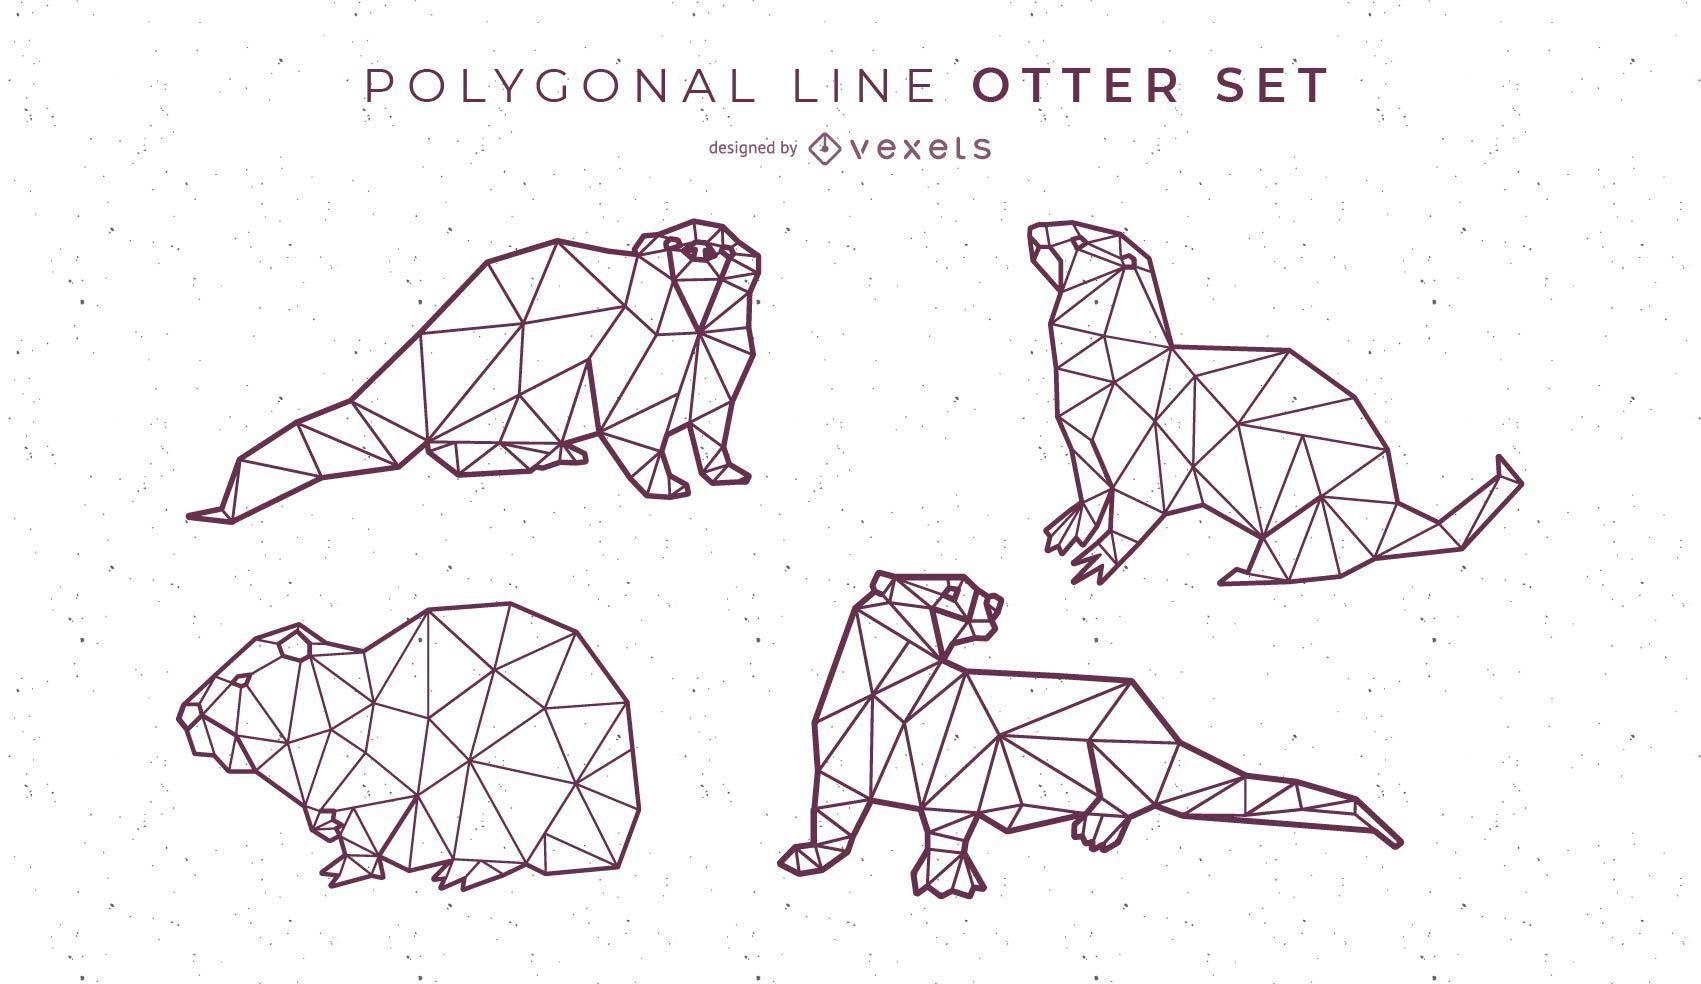 Polygonal Line Otter Design